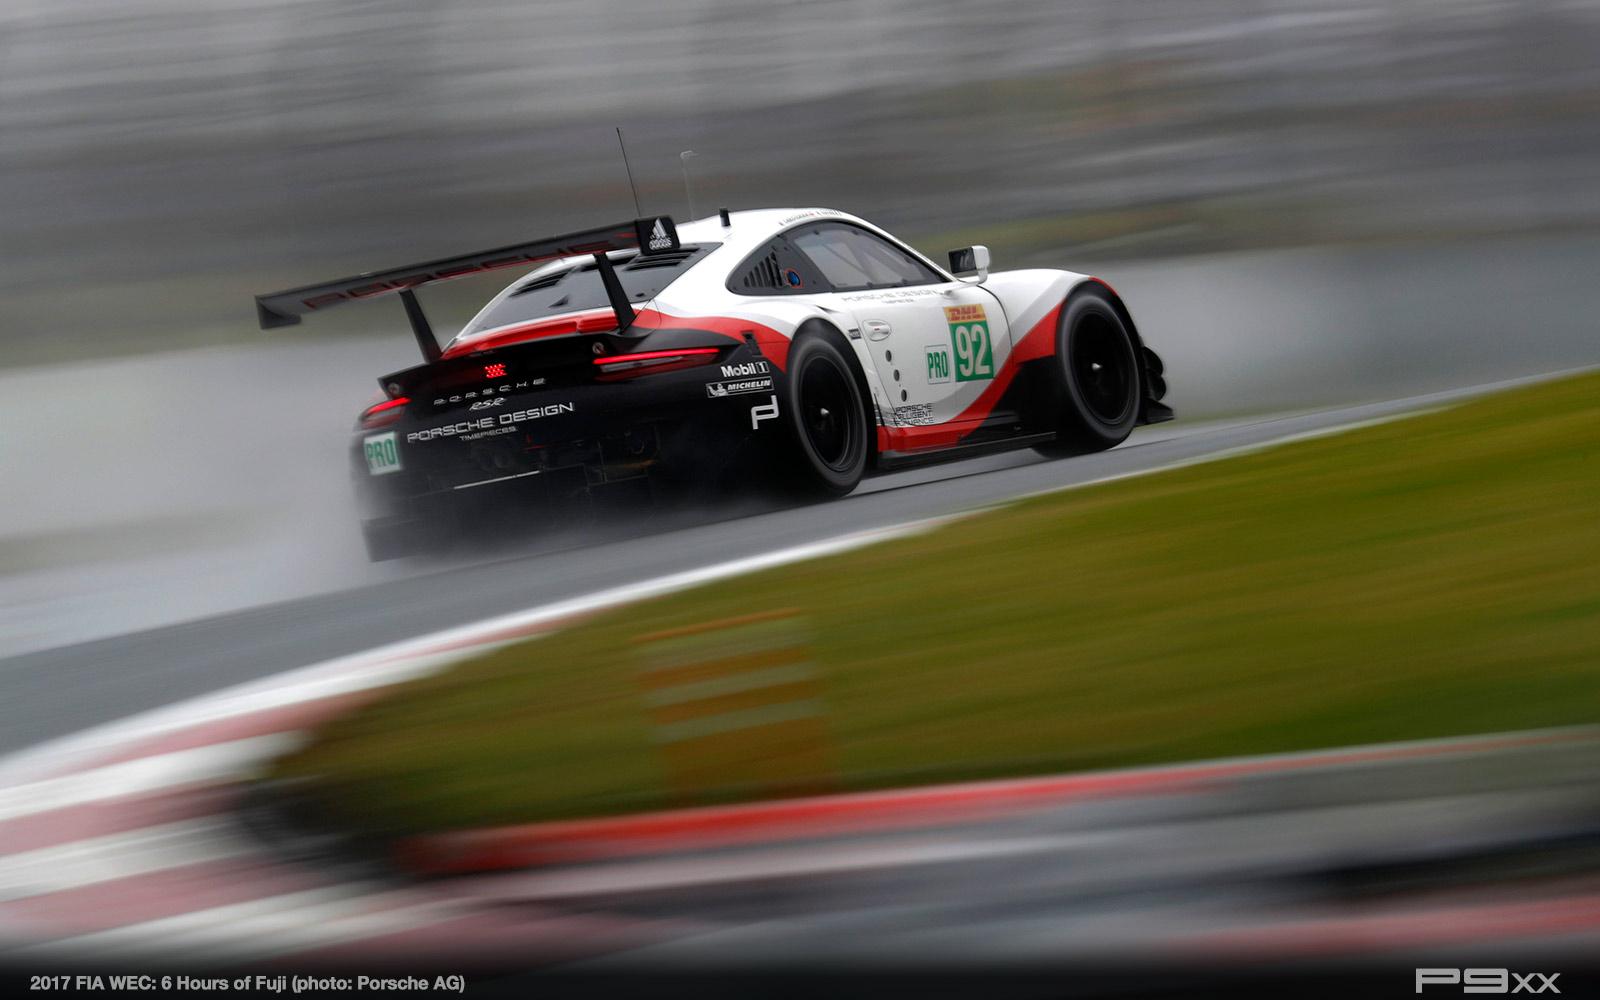 2017-FIA-WEC-6h-of-Fuji-Porsche-462